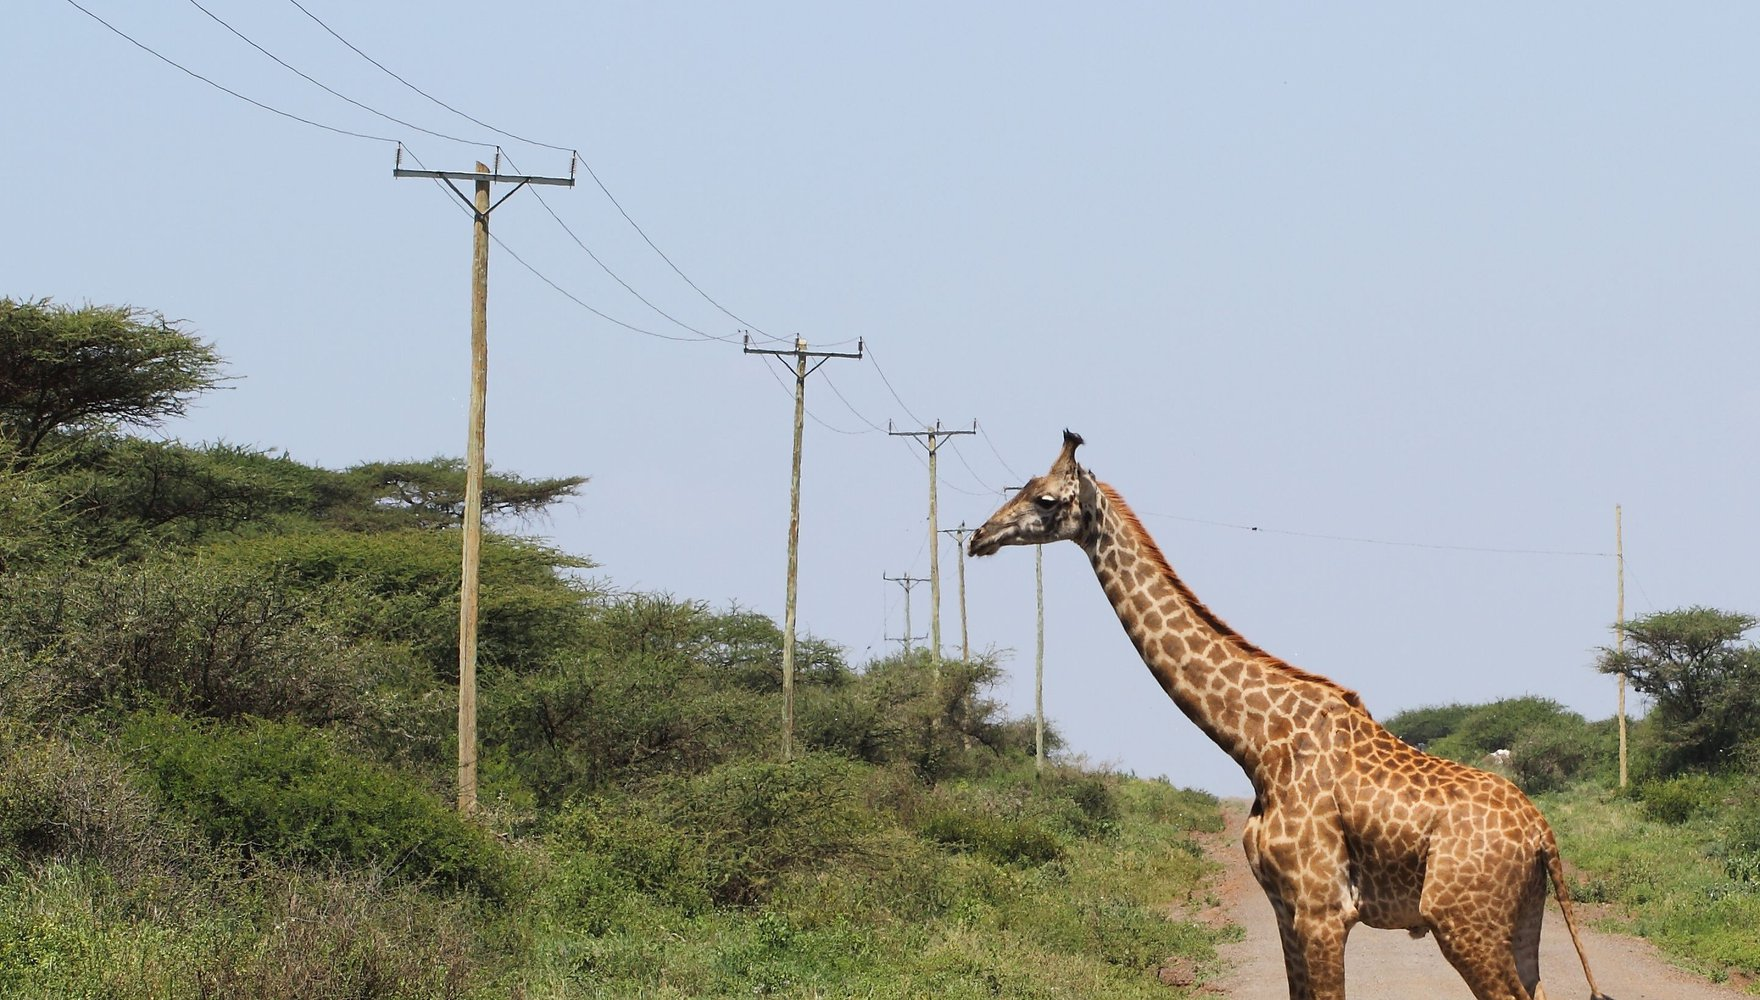 giraffe pic final test.jpg